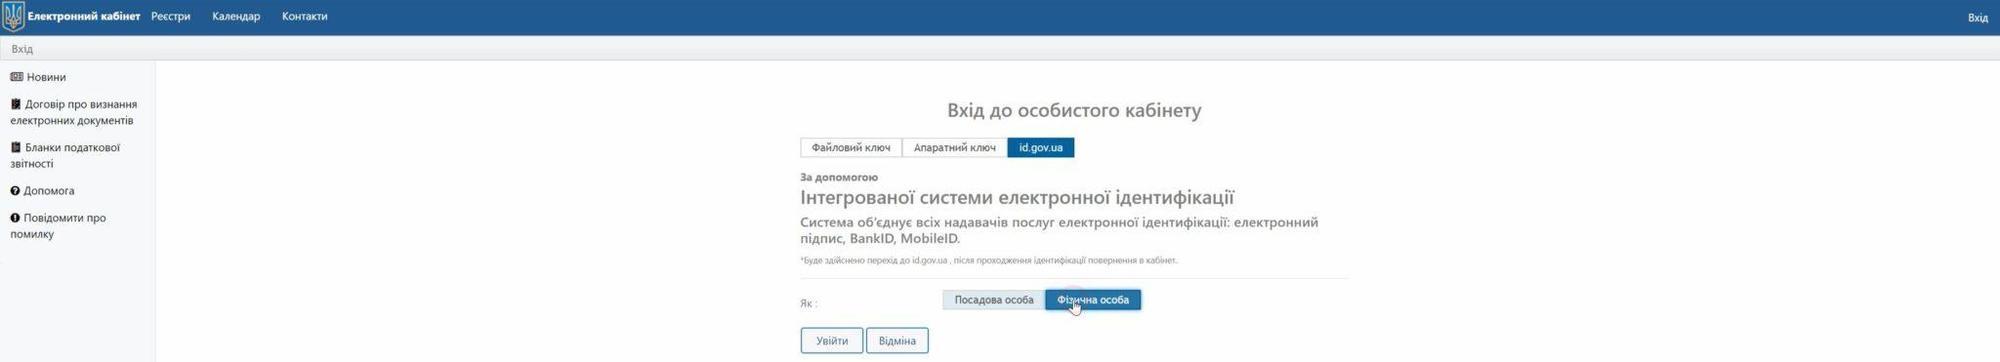 Як отримати довідку про доходи онлайн (Інструкція)